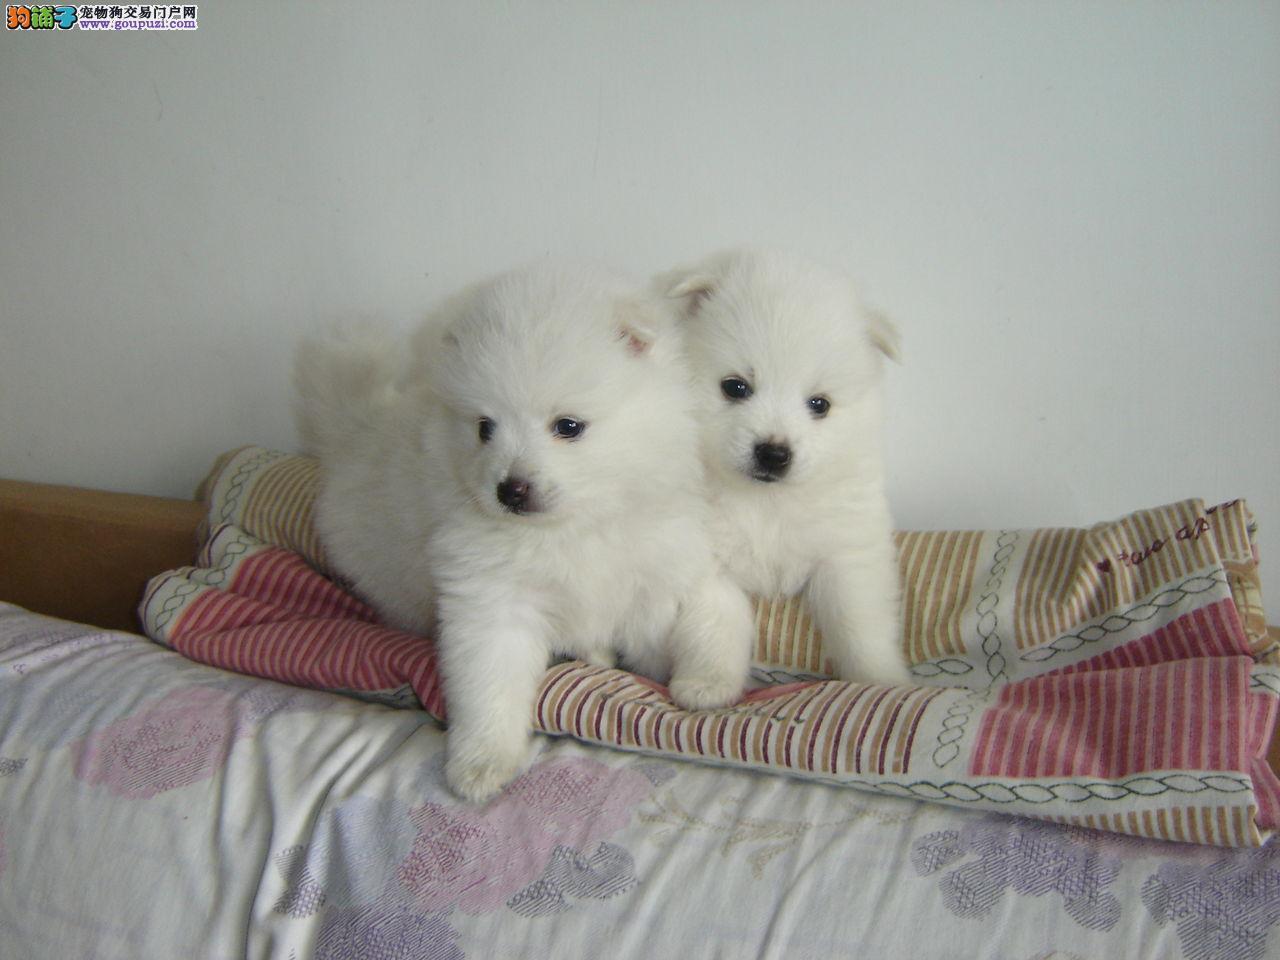 纯种雪地精灵白色银狐极品狗狗出售